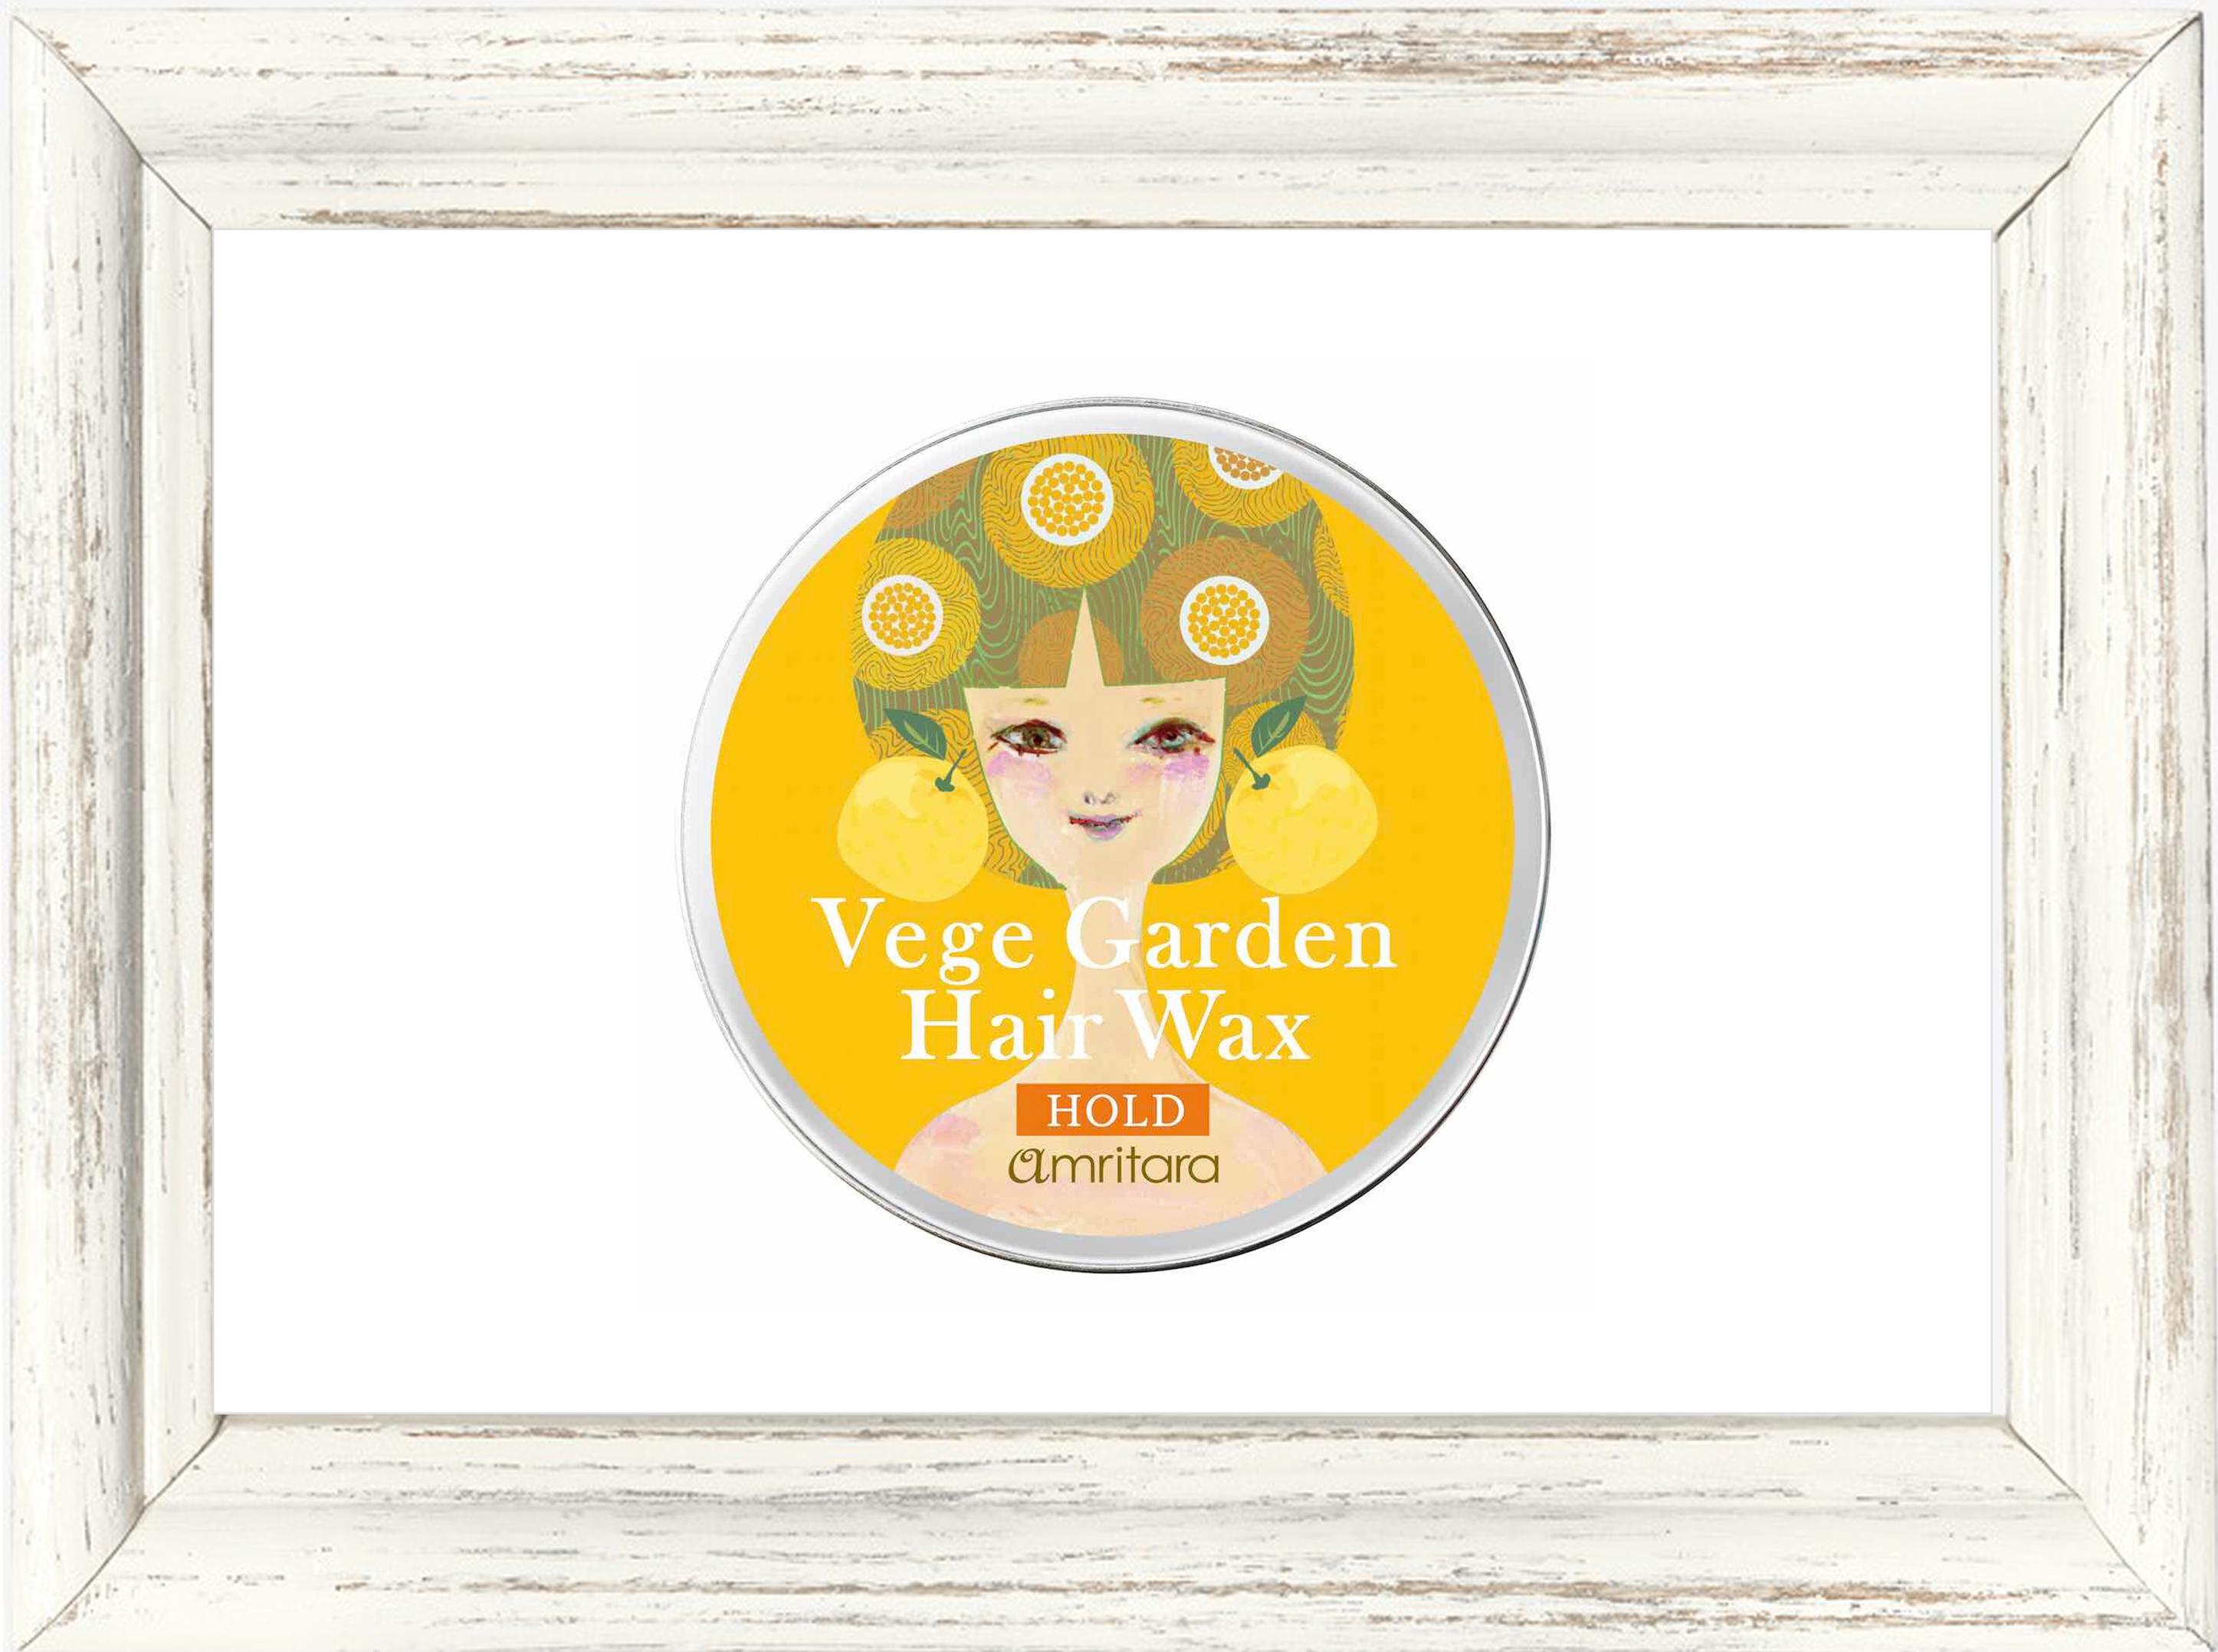 ヘアワックス▶︎amritara ベジガーデンヘアワックス(ホールド)柚子の香り